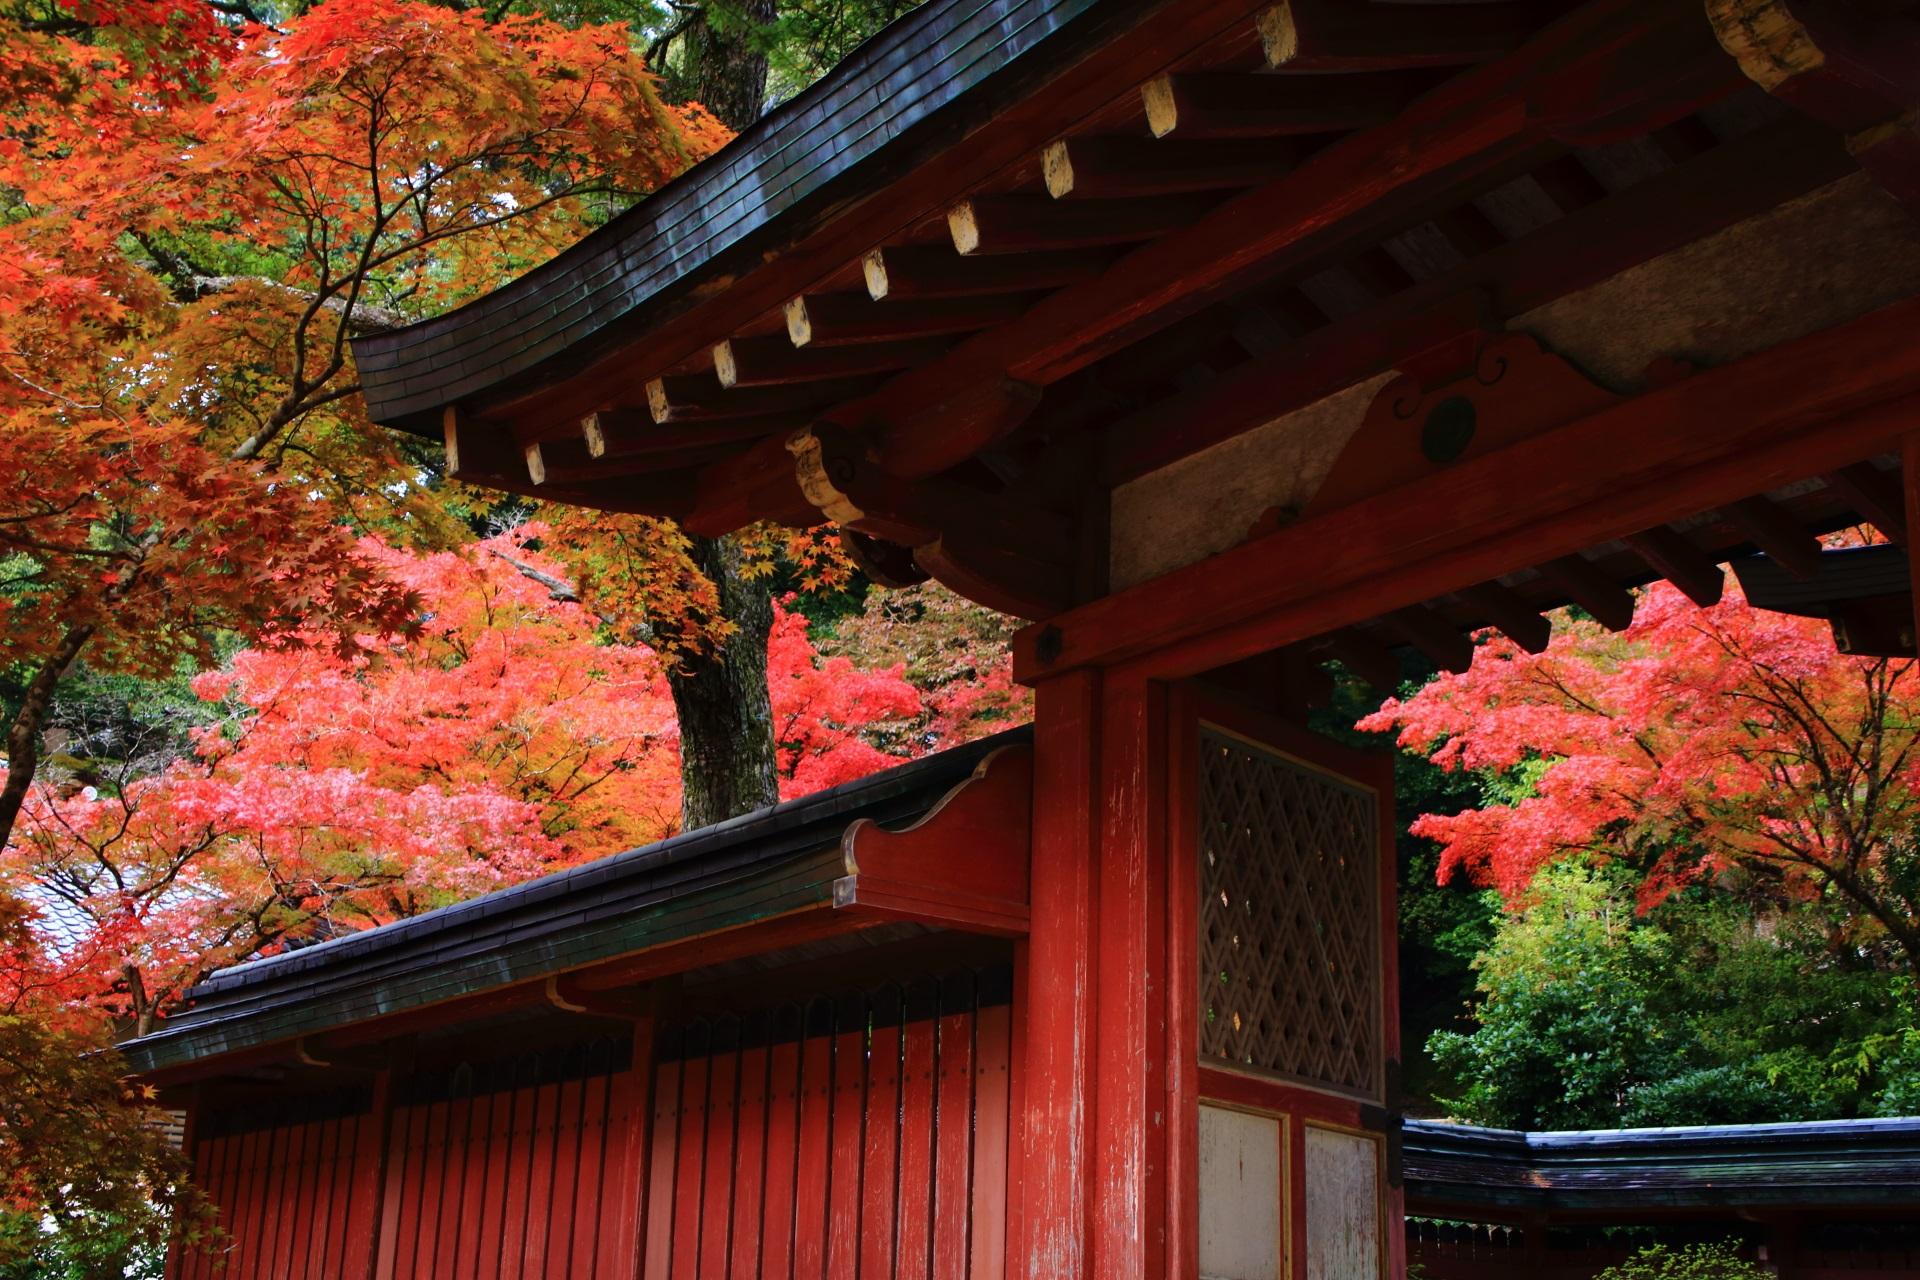 神護寺の和気清麻呂公霊廟の上品な建物を華やぐ艶やかな秋色